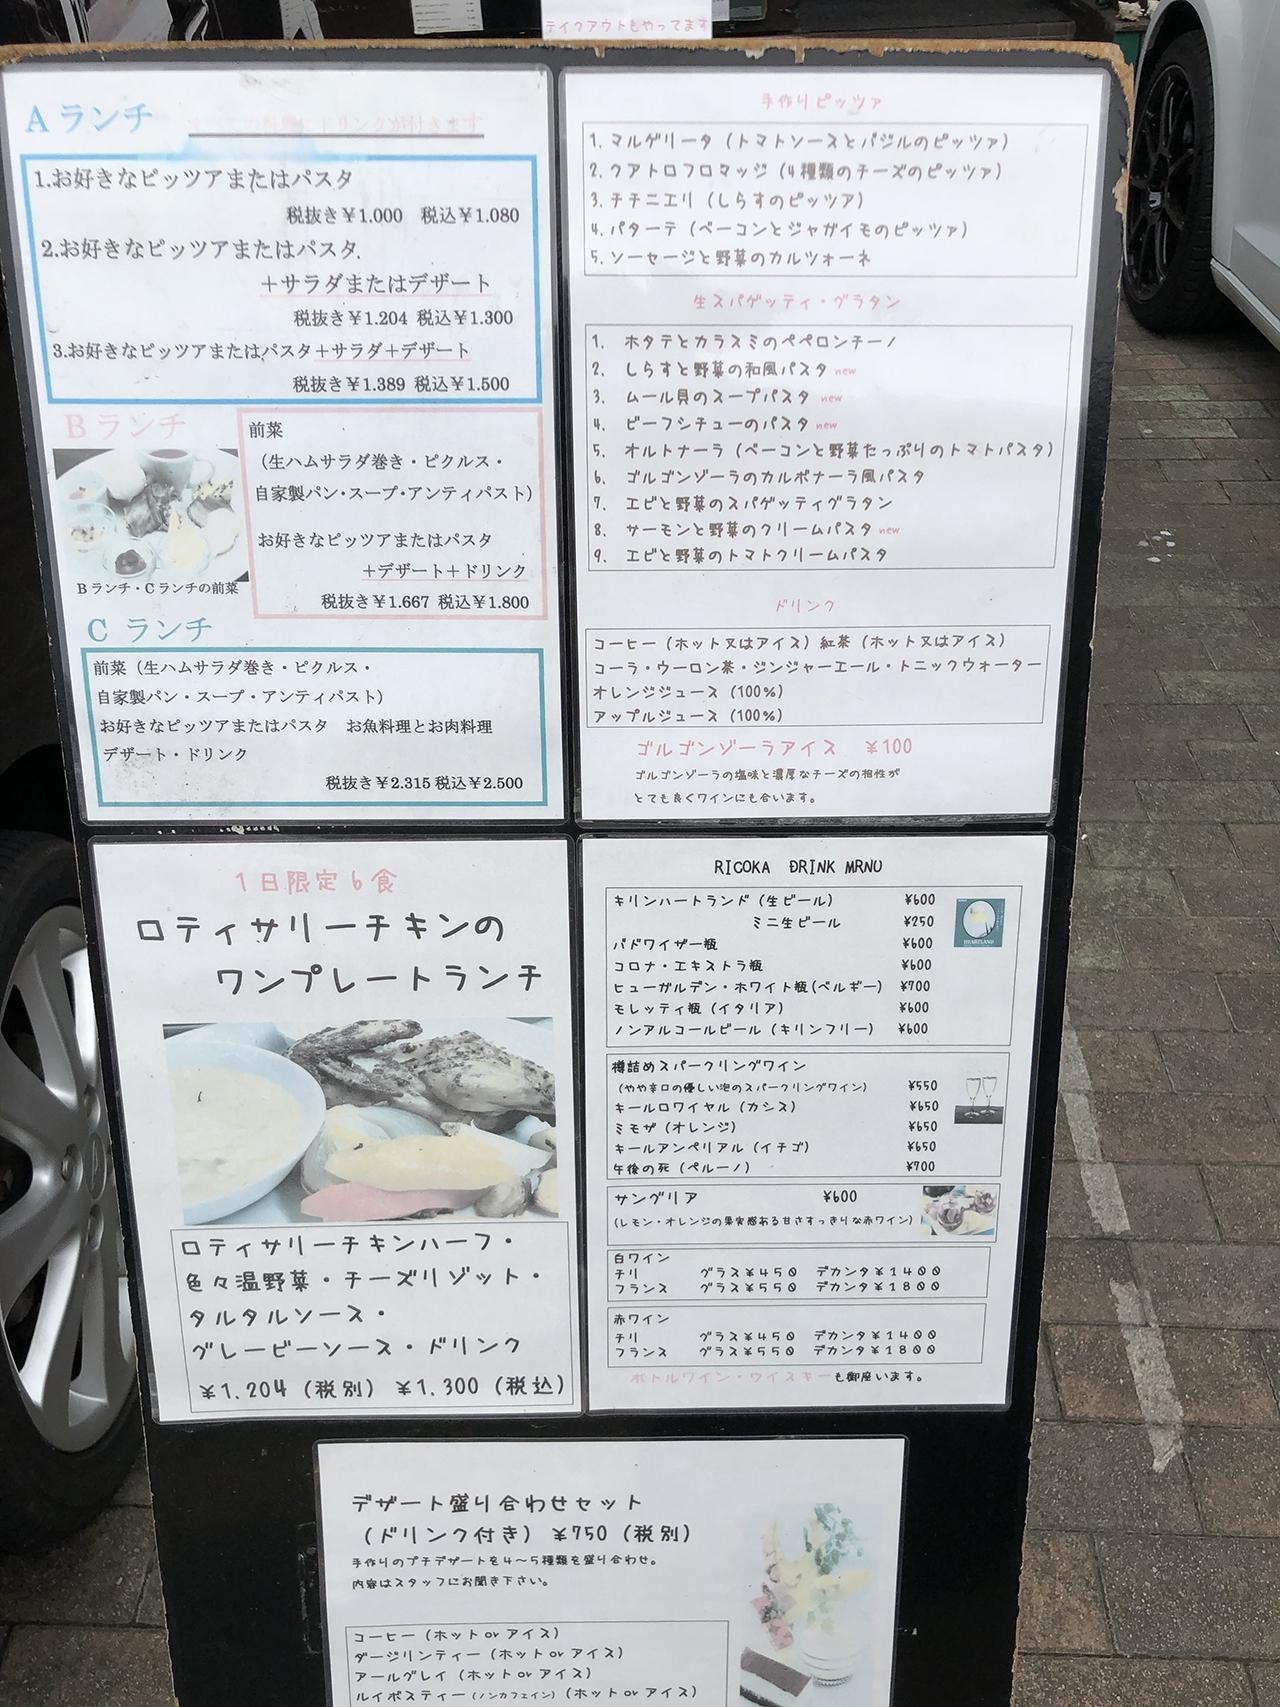 店舗入口にあるメニュー看板の写真